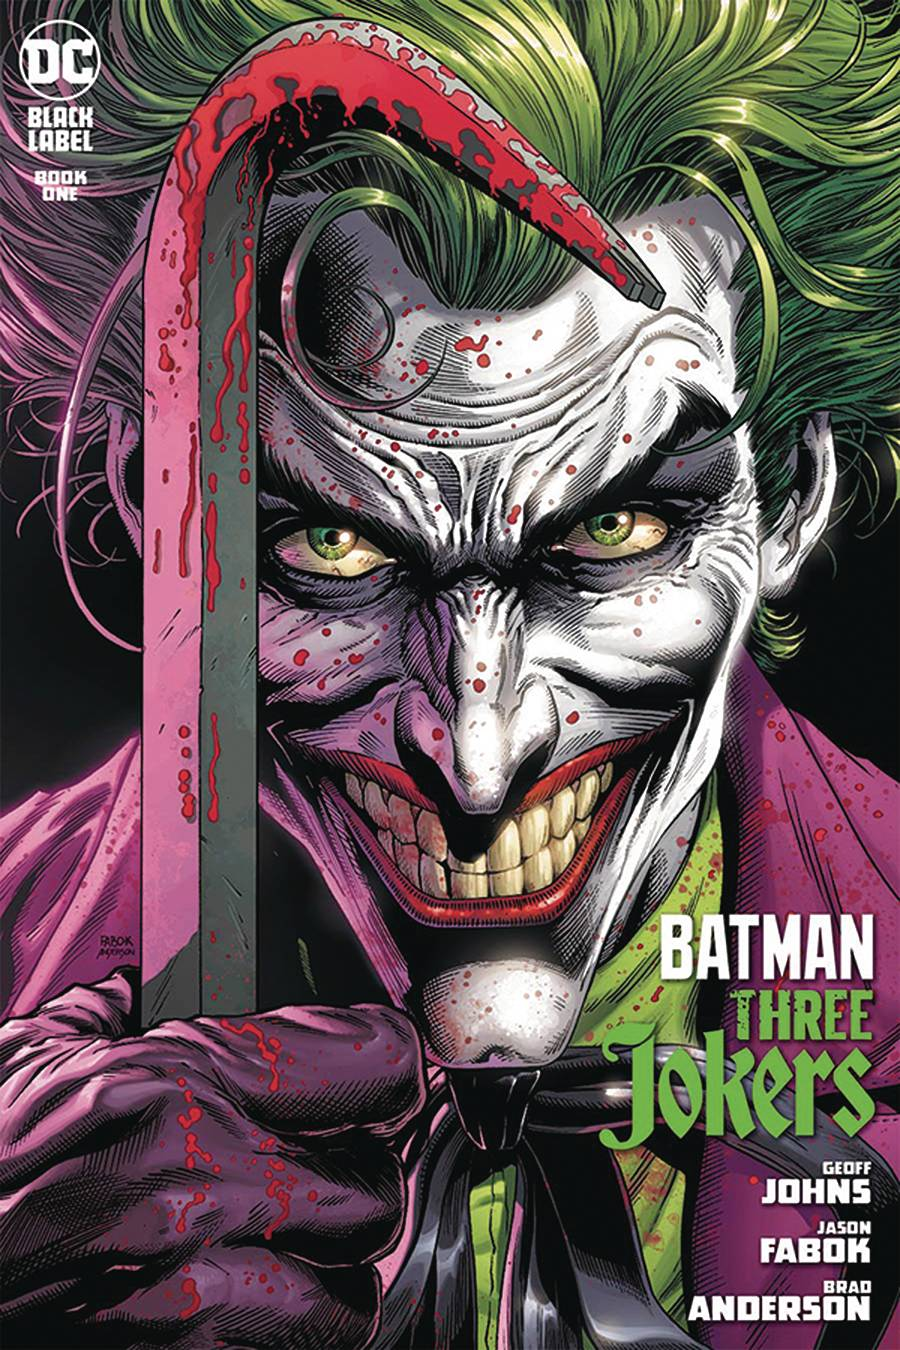 DF BATMAN THREE JOKERS #1 JOHNS SGN